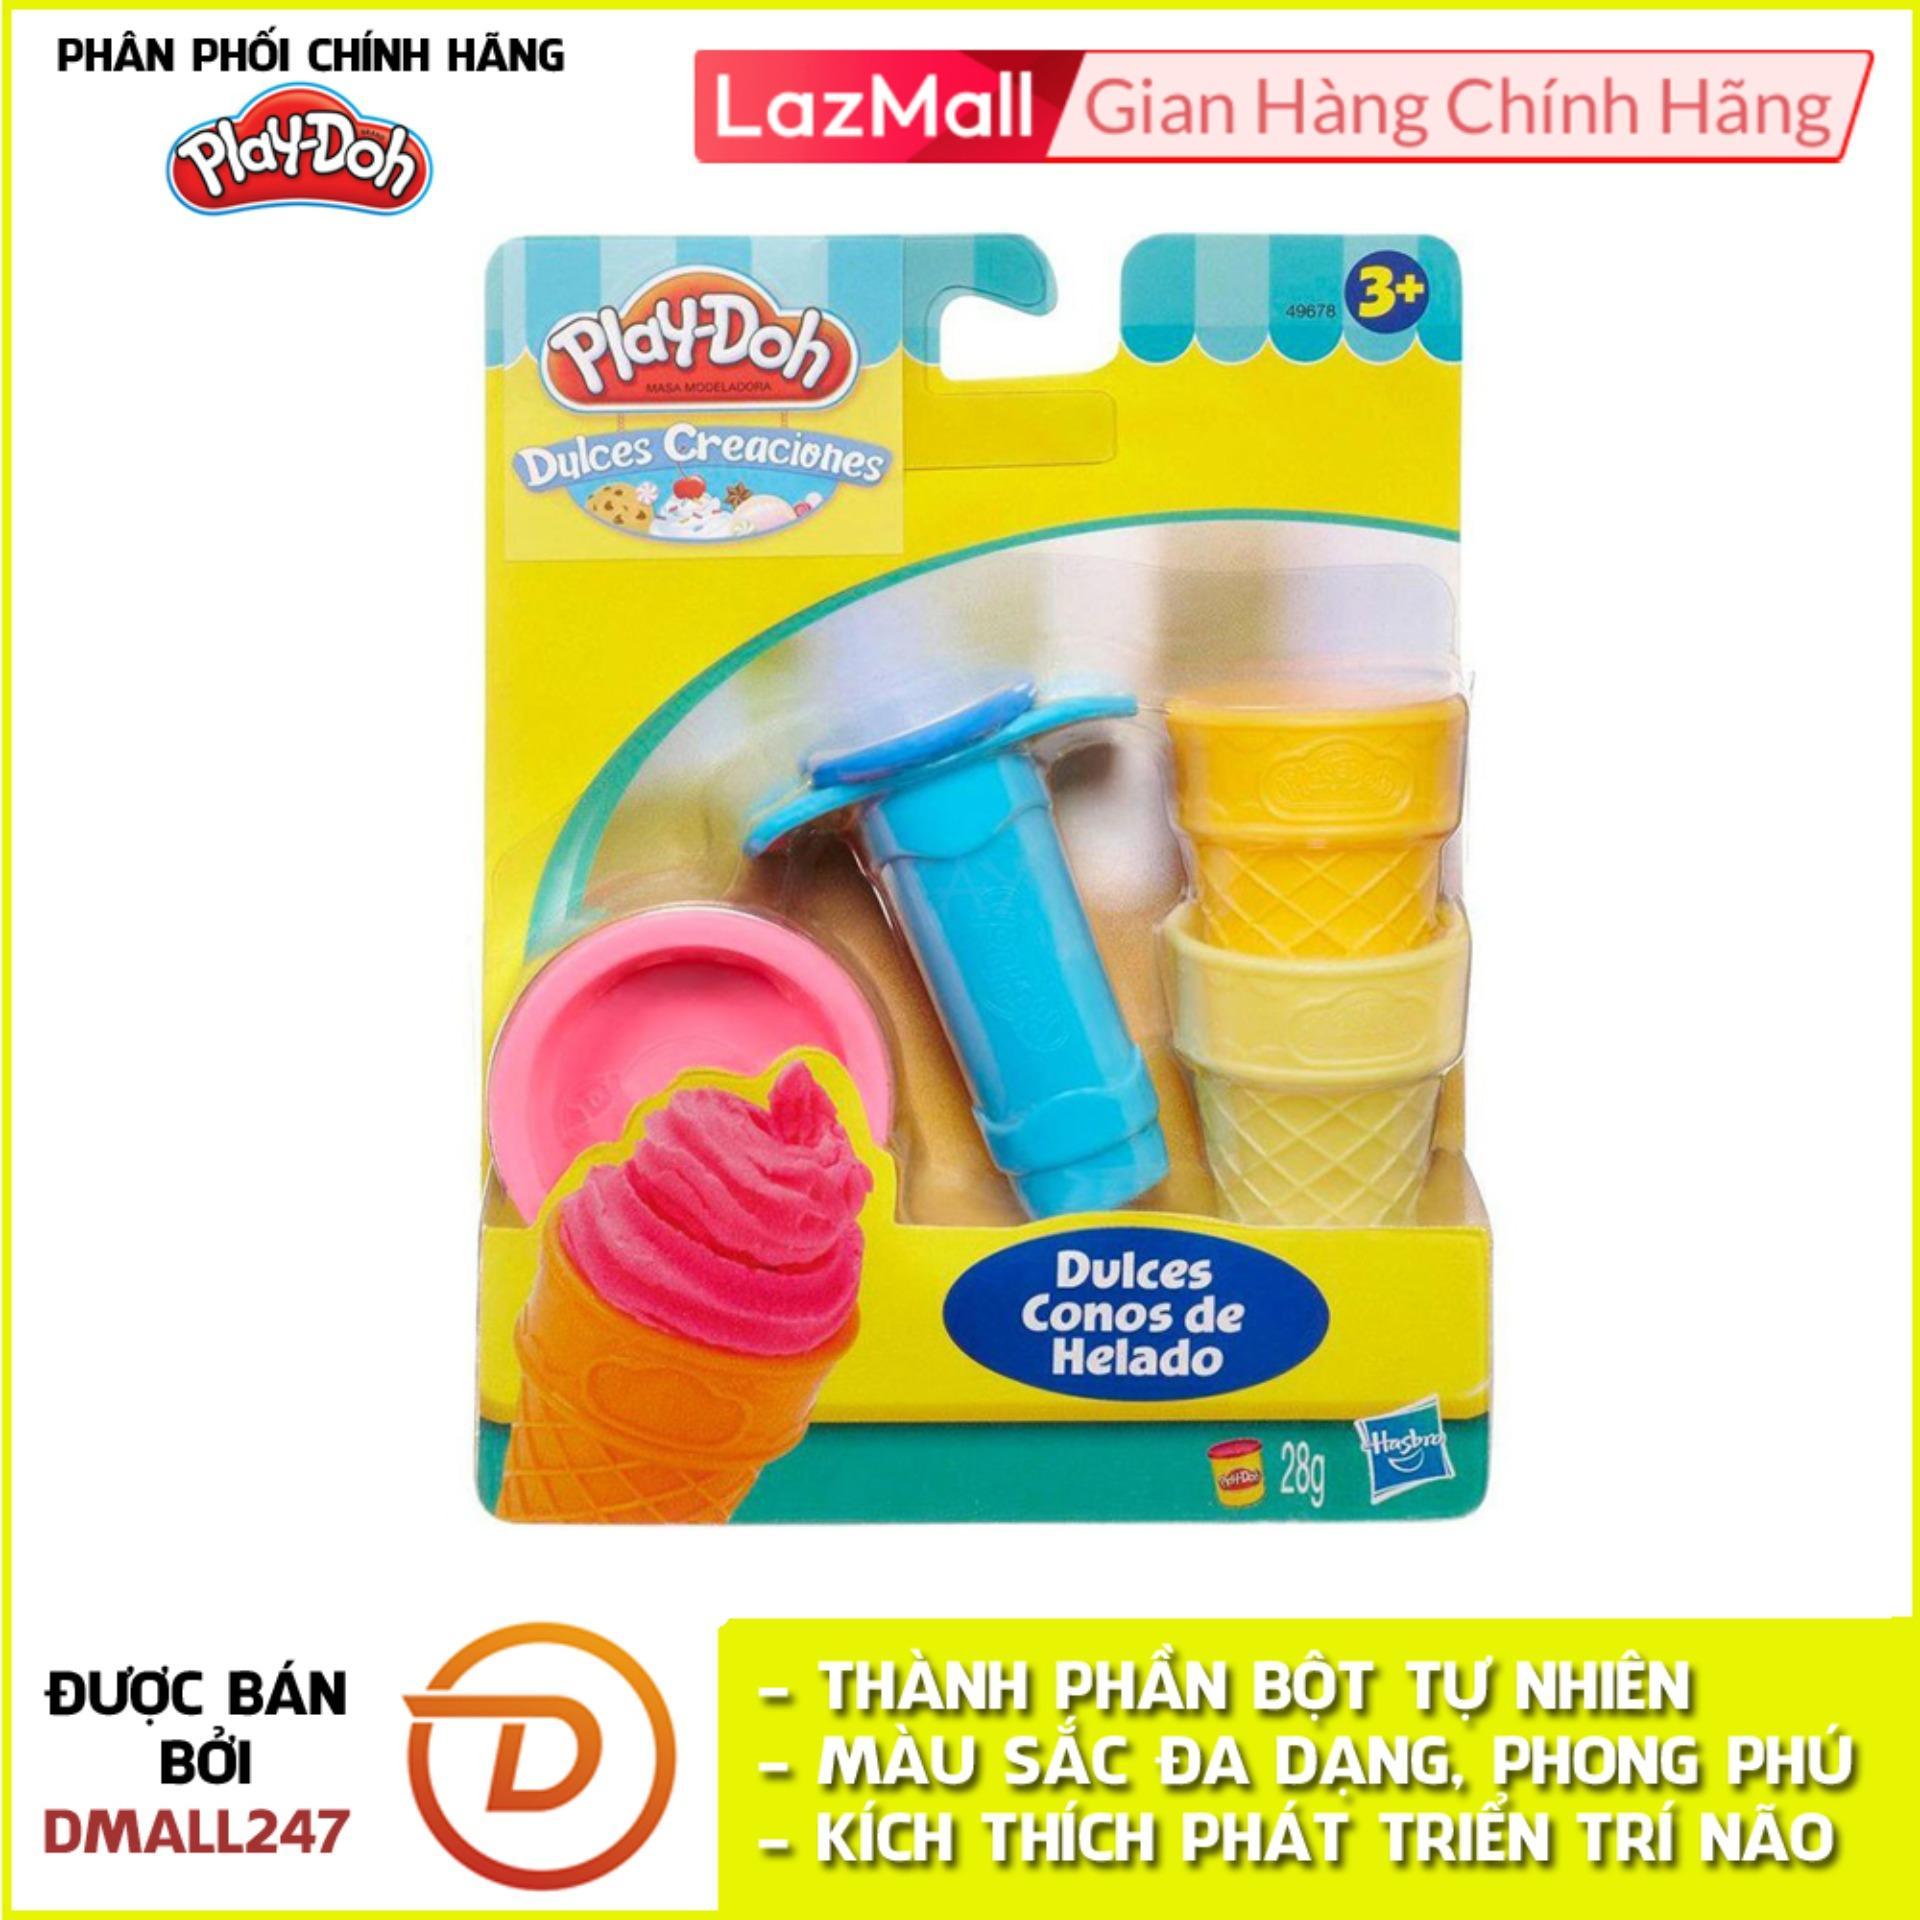 Bộ Bột Nặn Tạo Hình Làm Kem Mini Play-Doh 49654 Giá Siêu Rẻ